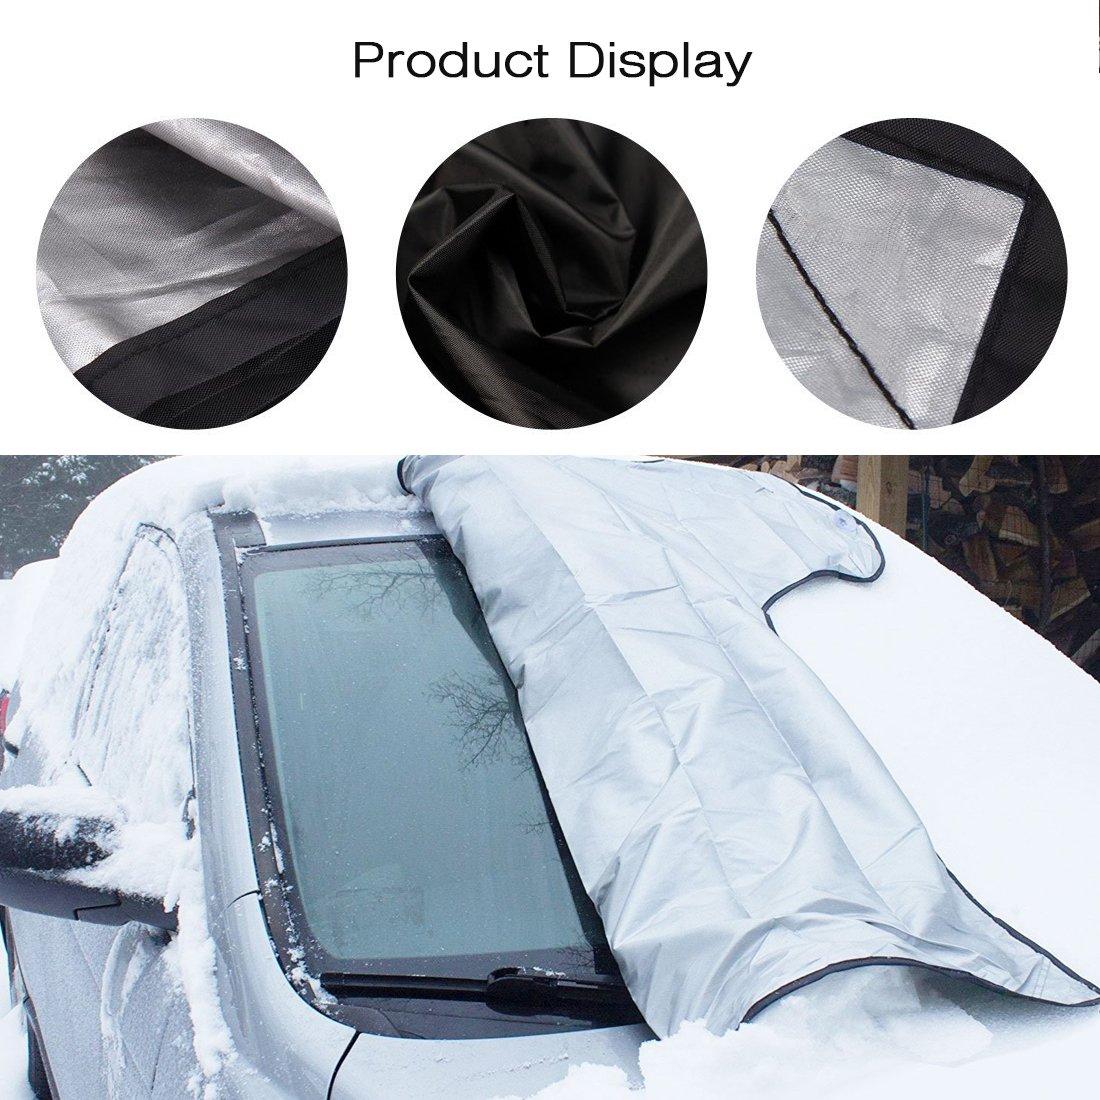 protector para parabrisas, Parsion protector de parabrisas coche Antihielo y Nieve proteja bien el parabrisas del vehículode la escarcha y la nieve en ...